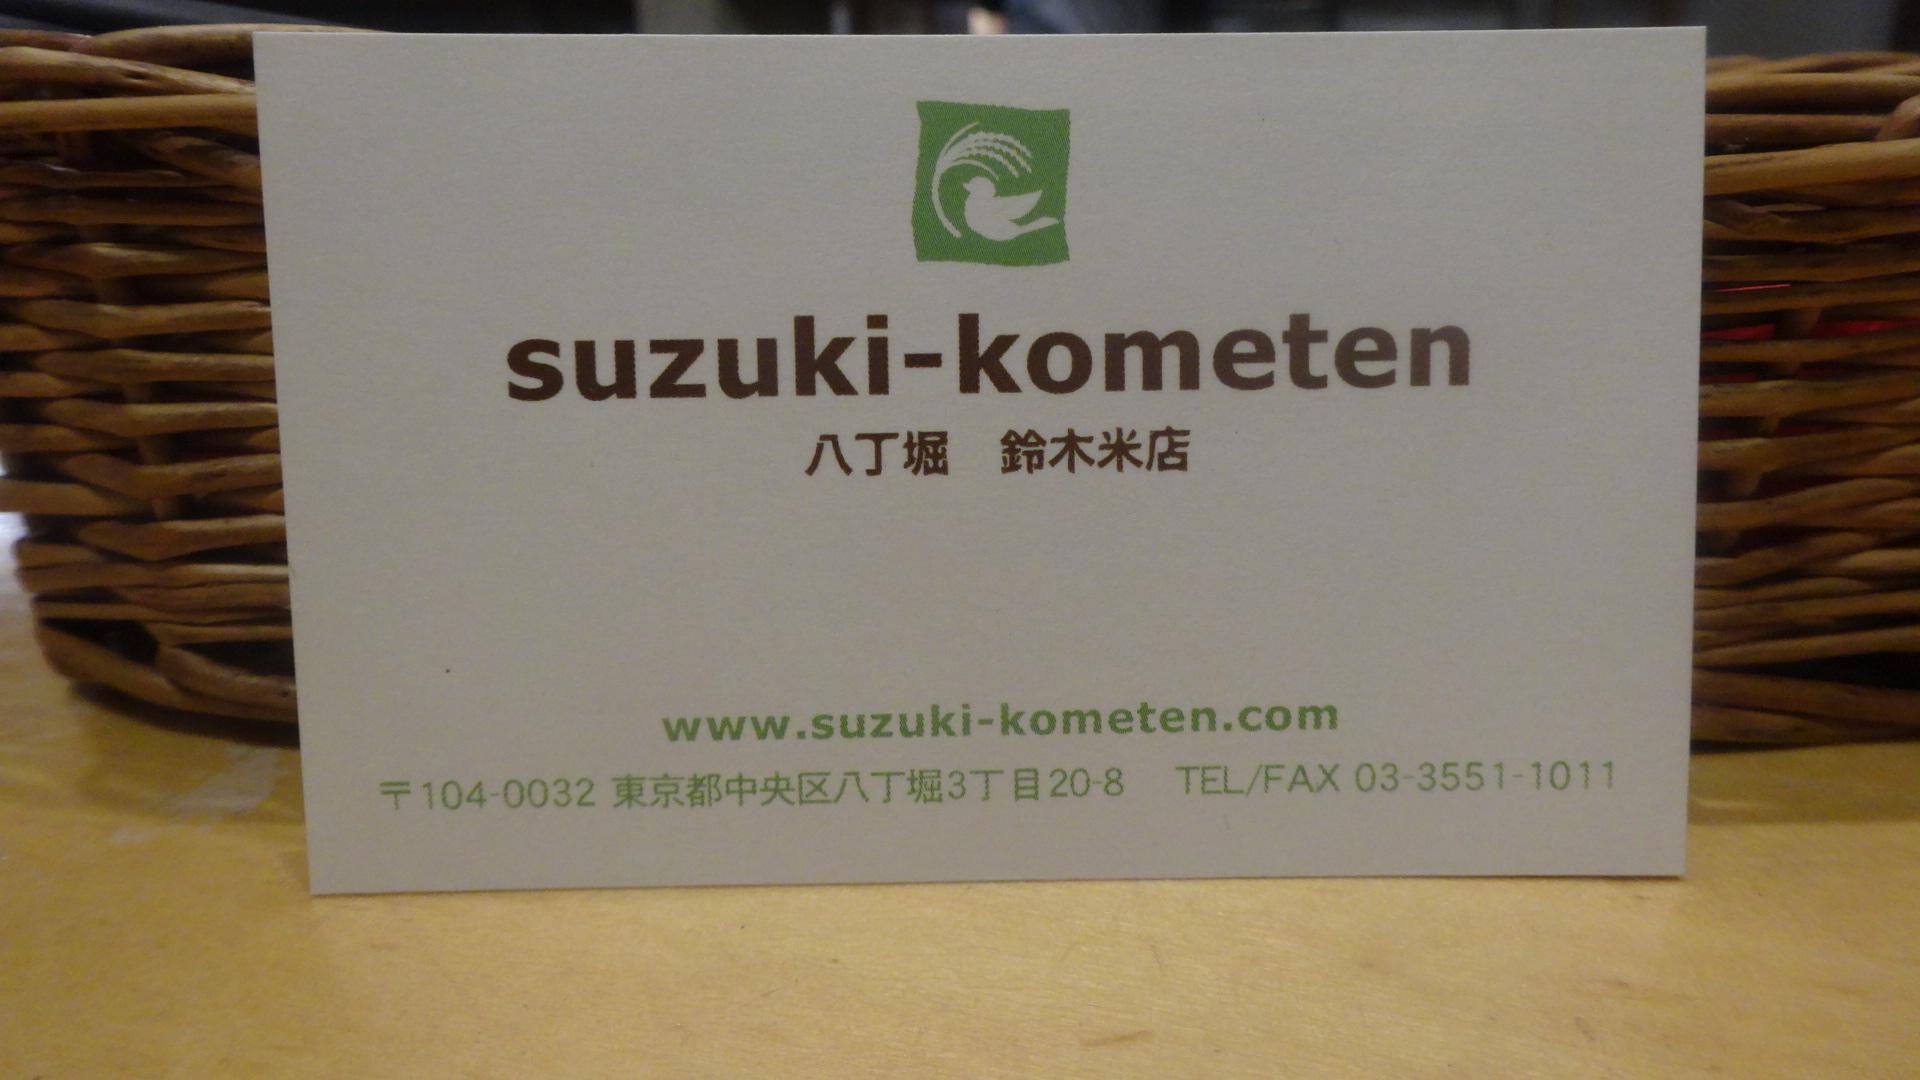 鈴木米店の名刺の写真